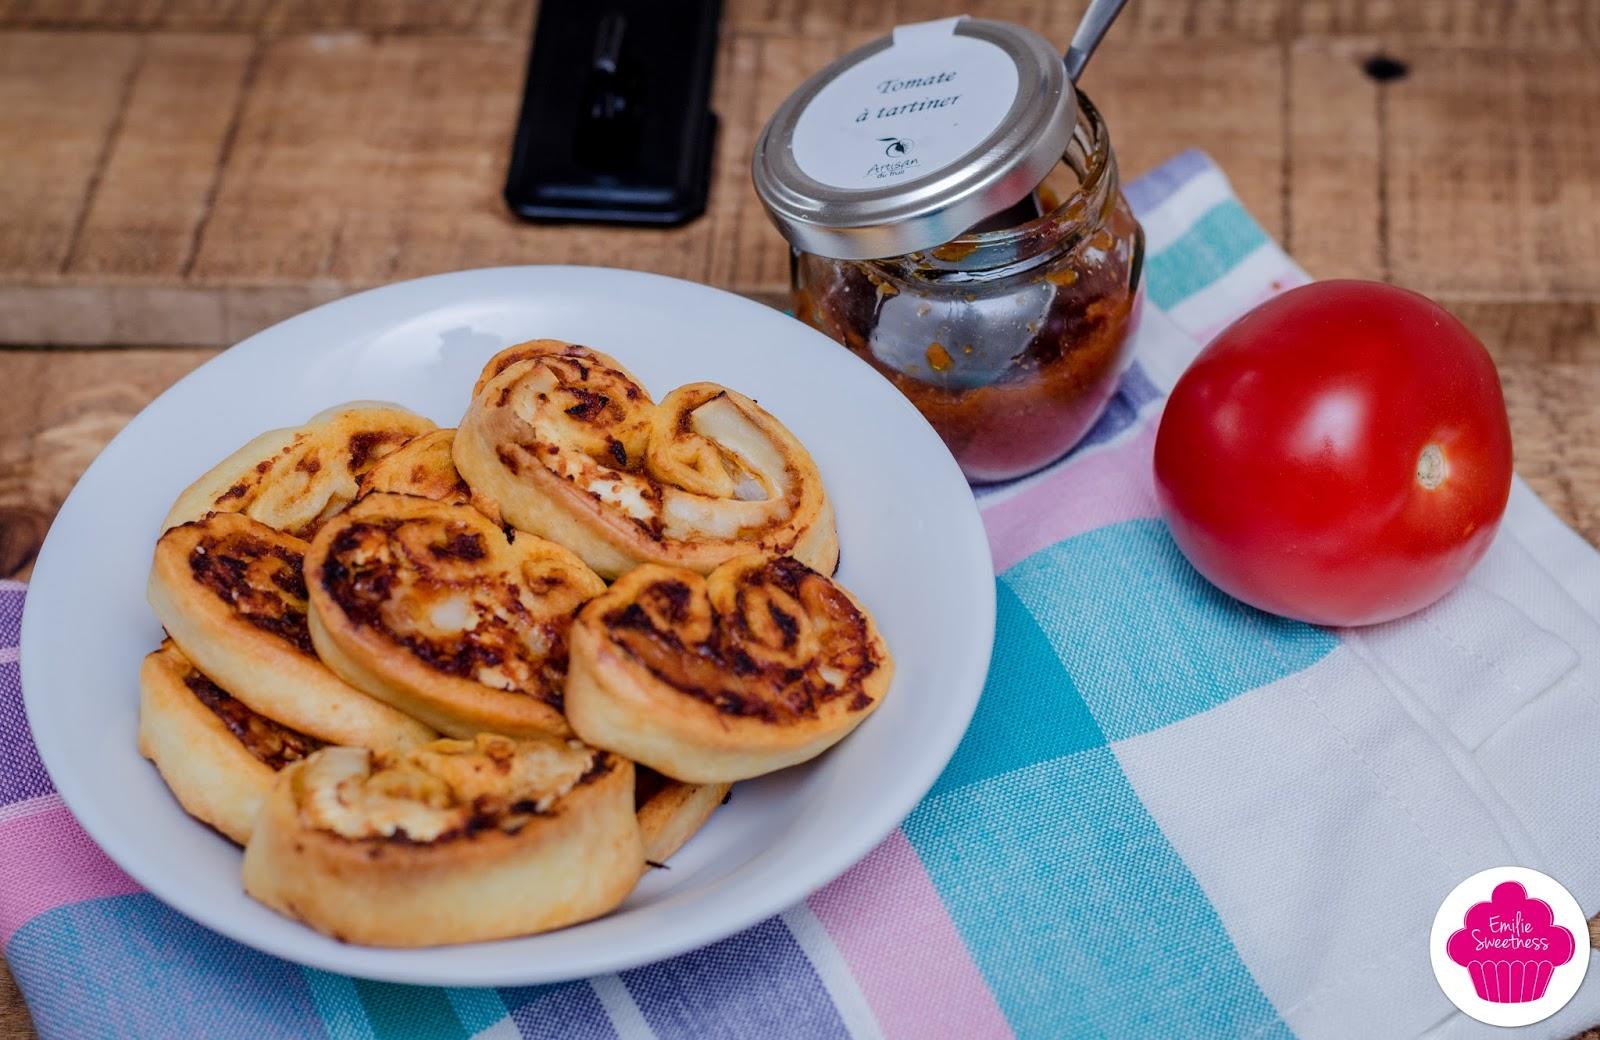 Palmiers au ch vre et la tartinade de tomates blogs de cuisine - Photos de toutes sortes de palmiers ...